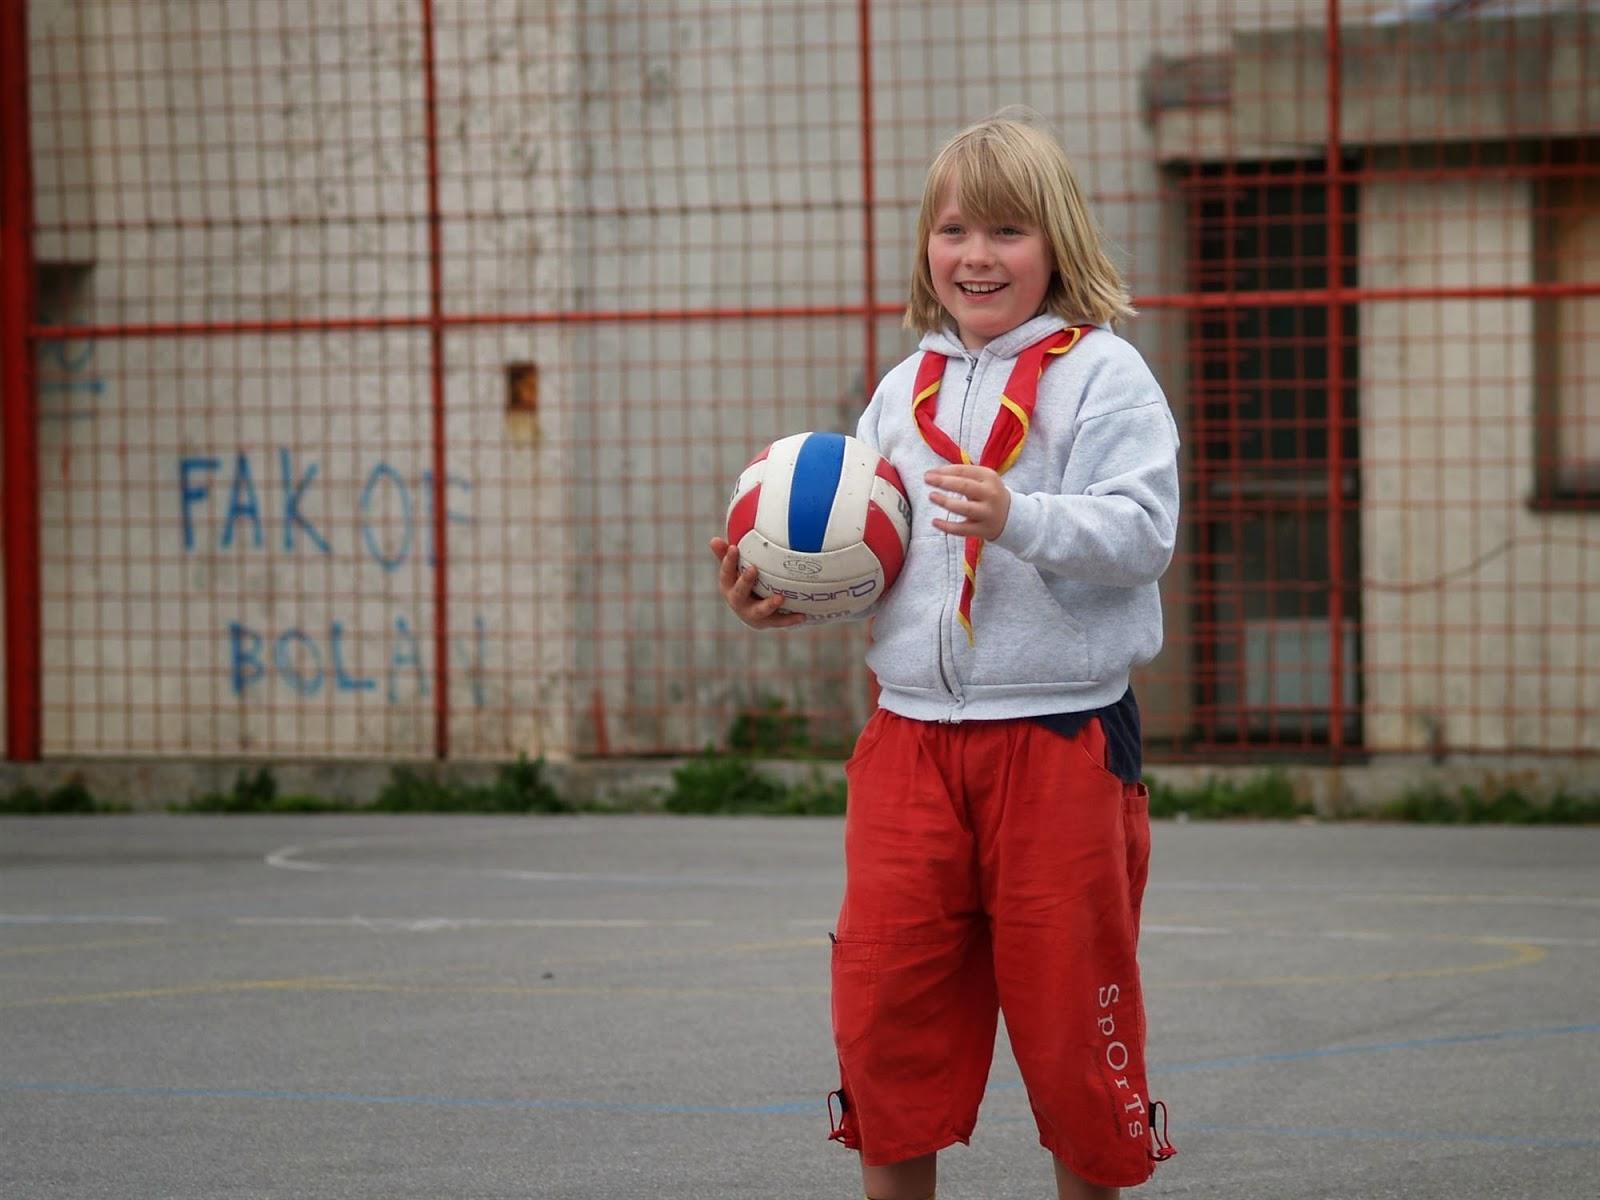 Področni mnogoboj MČ, Ilirska Bistrica 2006 - P0213608.JPG